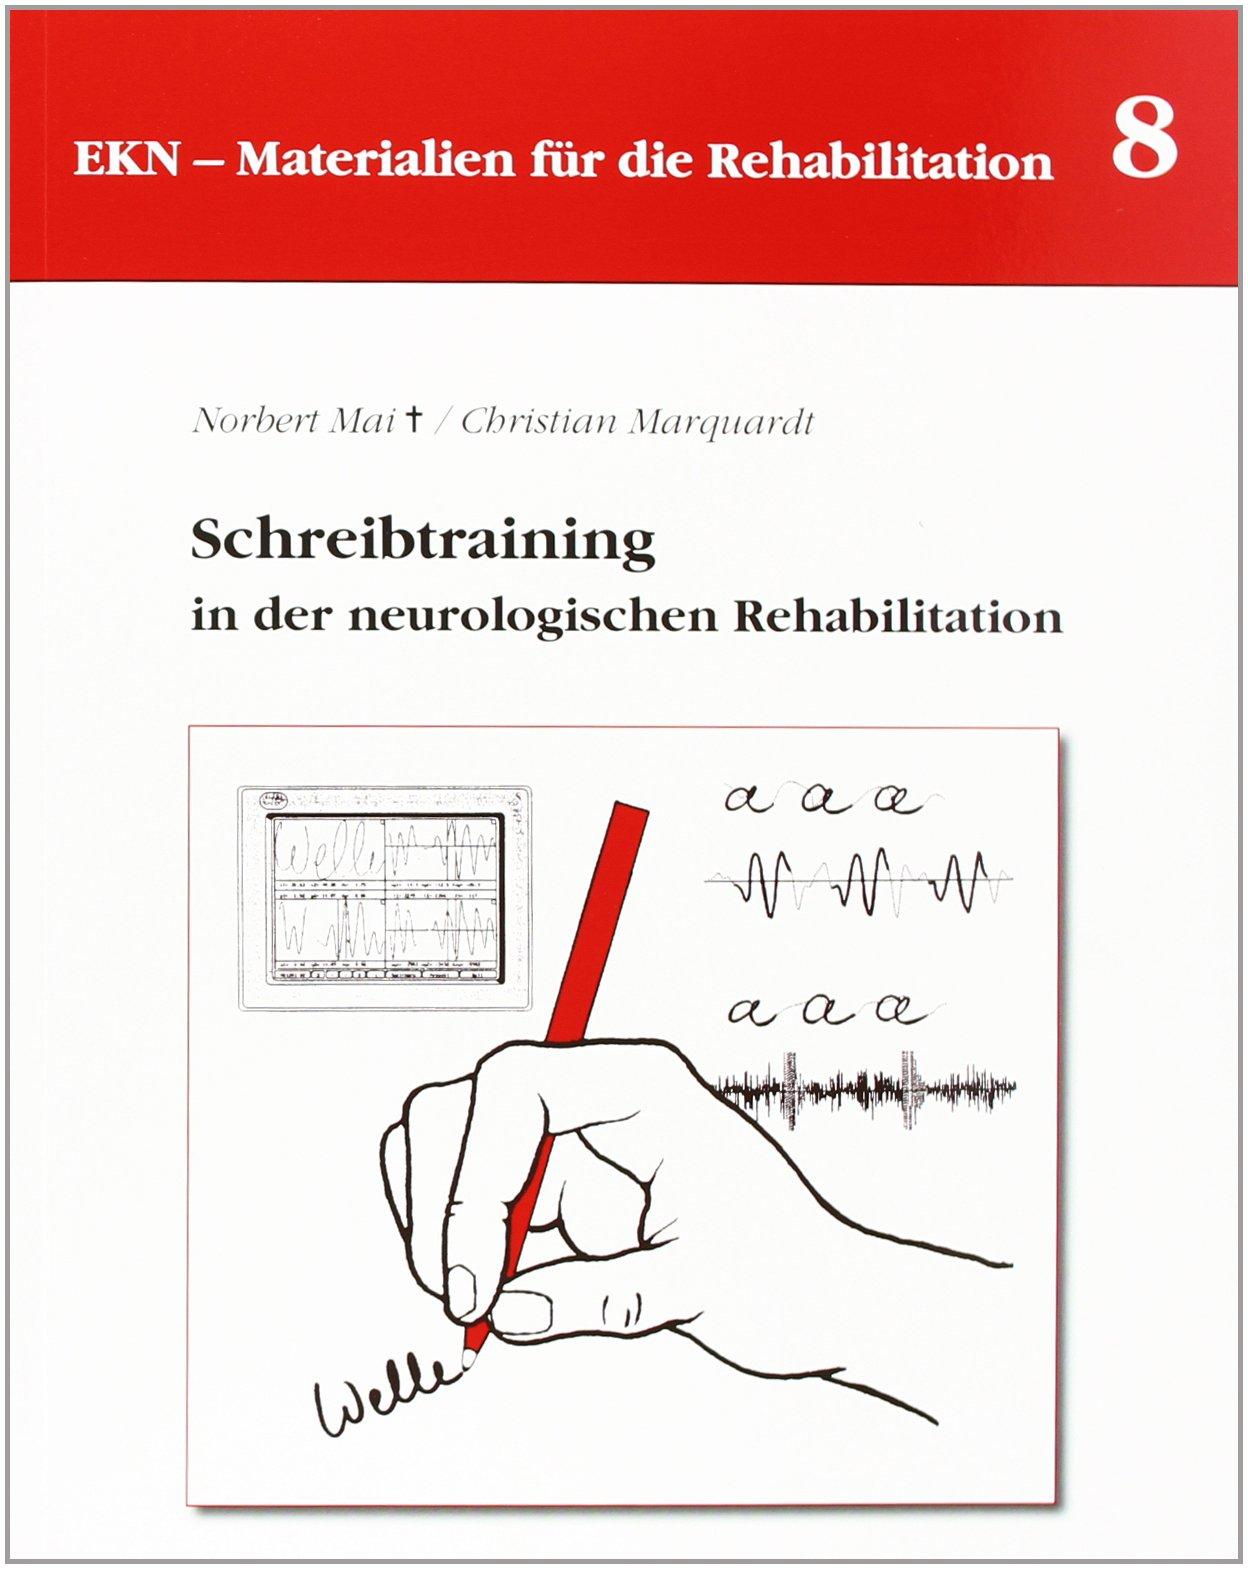 Schreibtraining in der neurologischen Rehabilitation (EKN Materialien für die Rehabilitation)